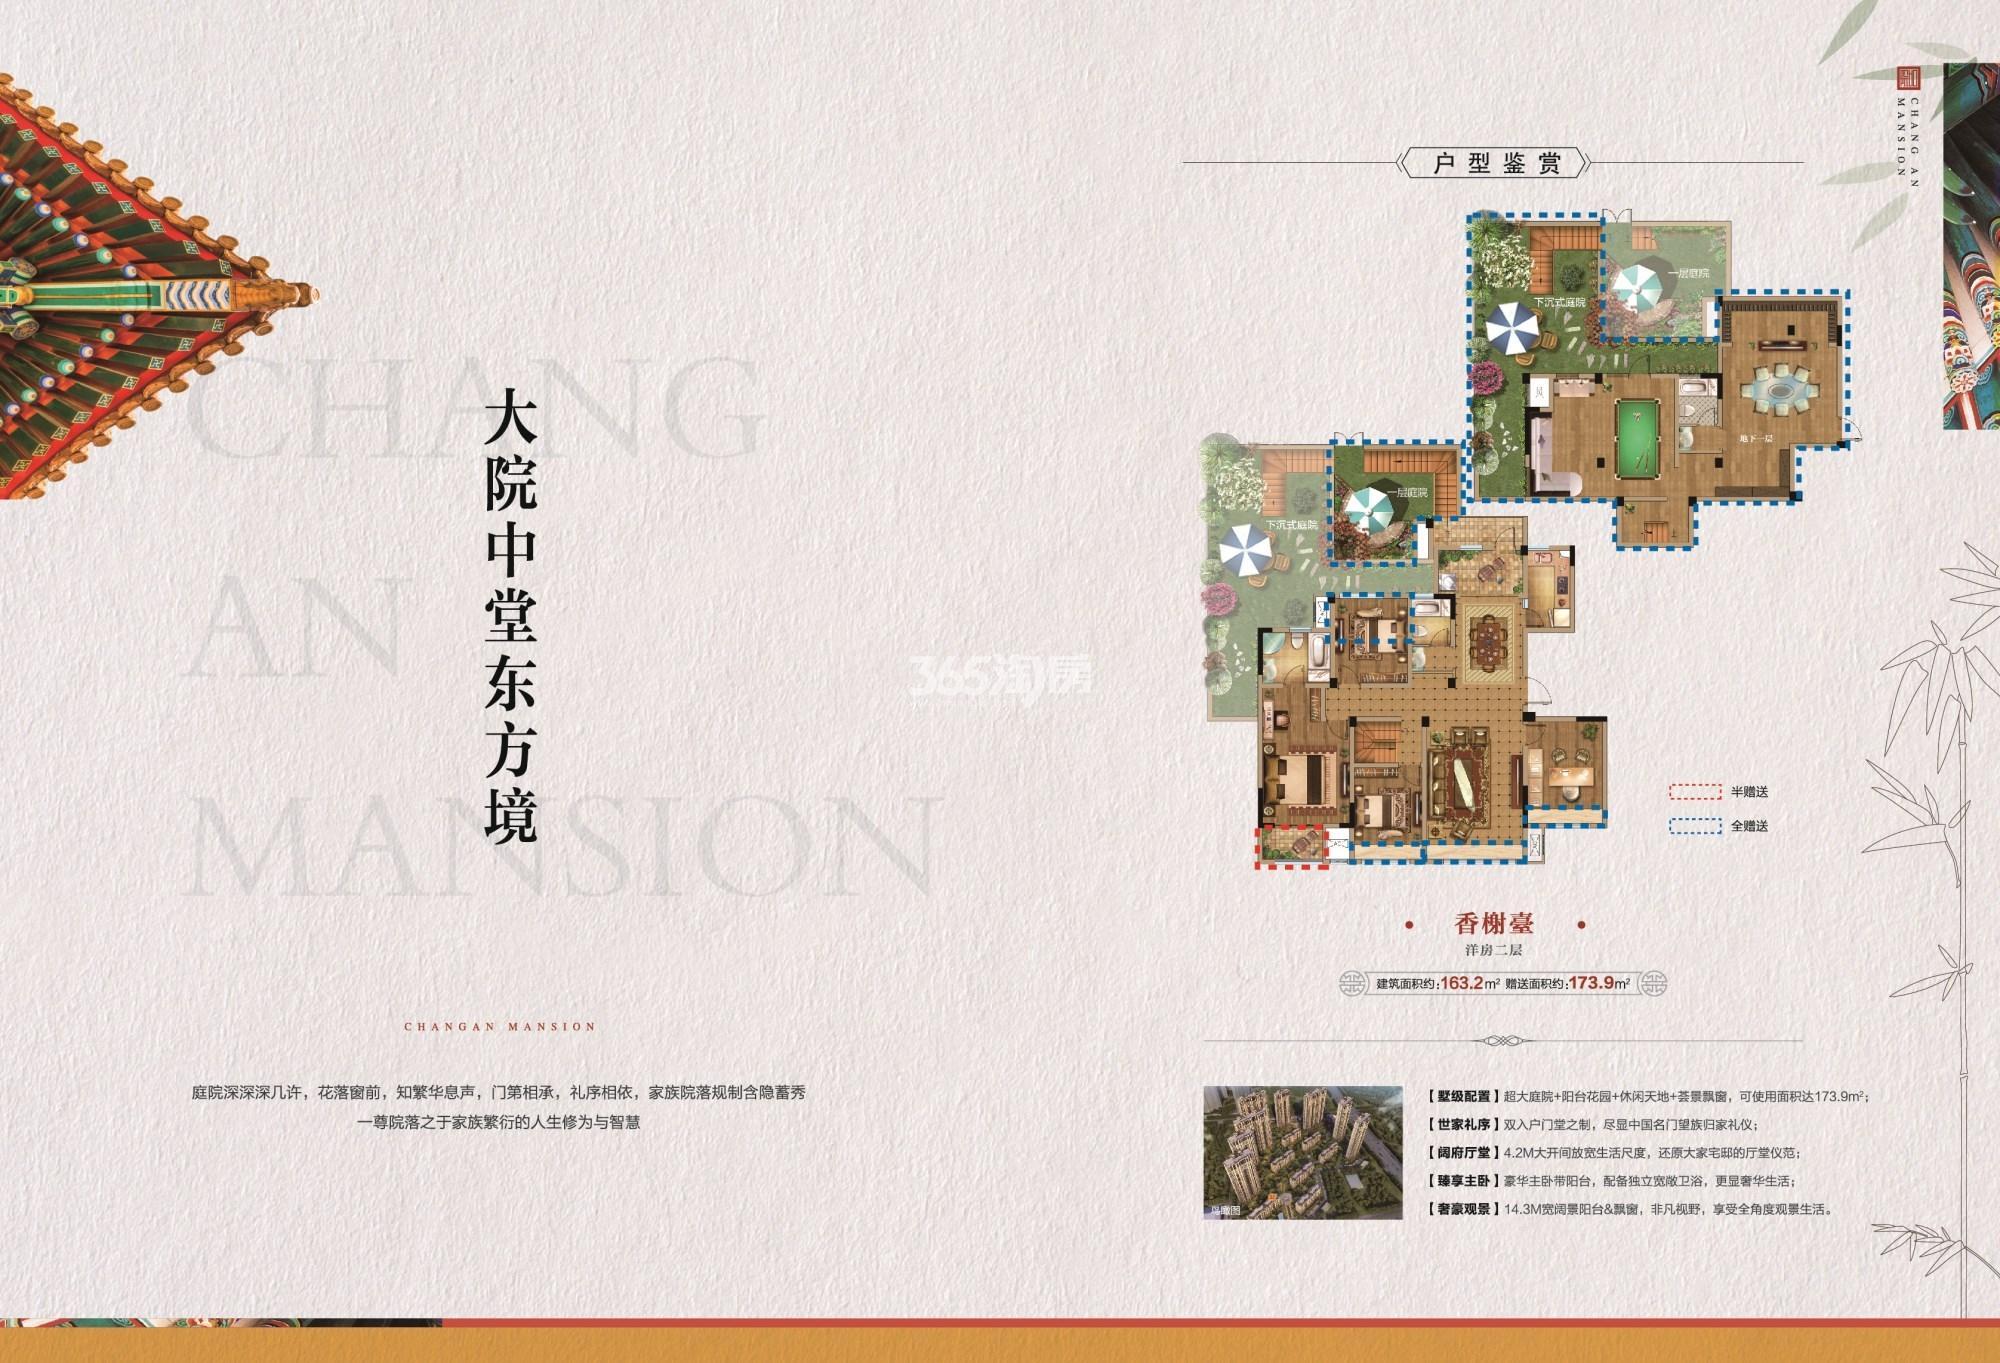 长安城·如院项目香榭臺洋房二层户型163.2平米户型图